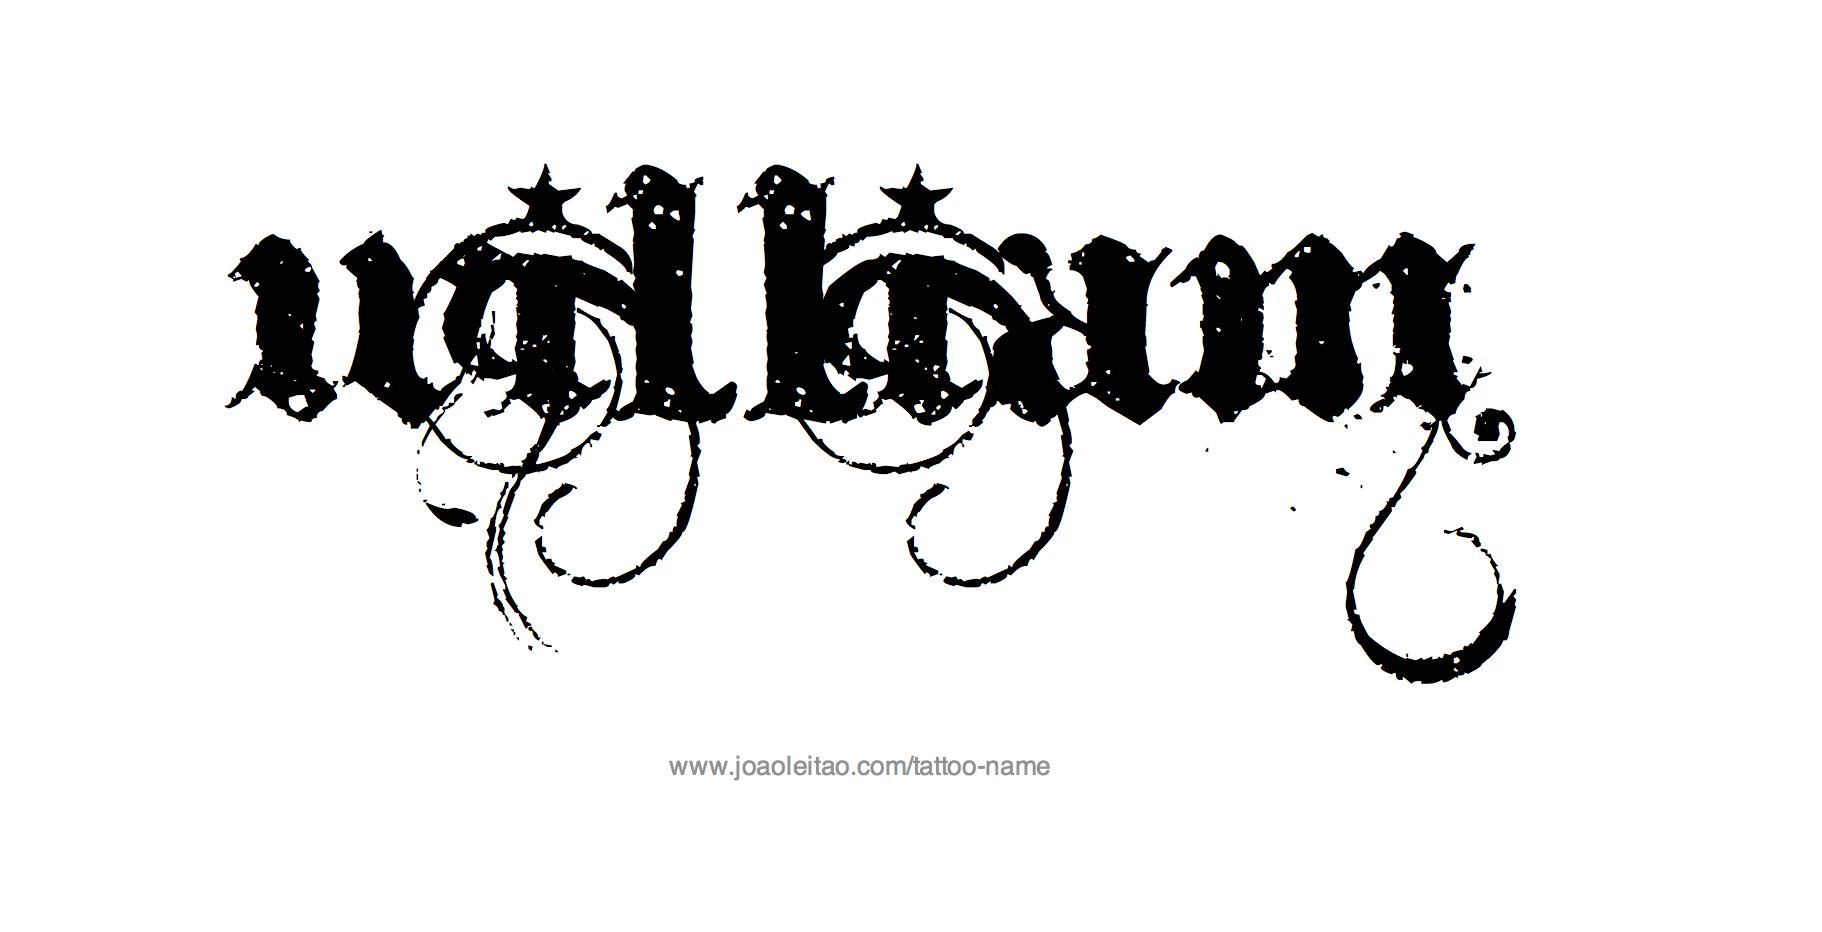 William Name Tattoo Designs